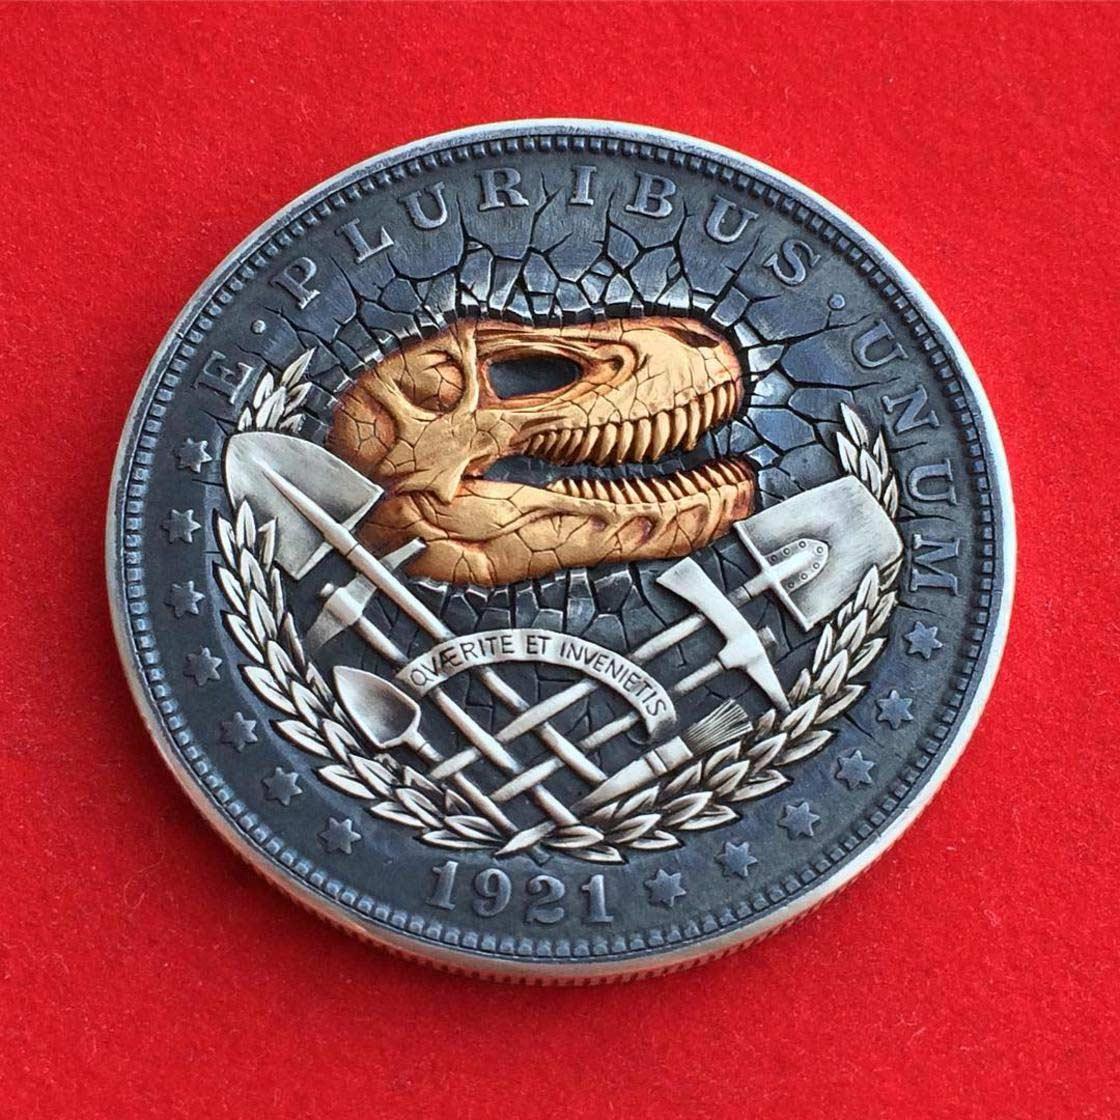 Wenn Münzen zu Popkultur-Skulpturen werden Roman-Booteen-hobo-nickel_08